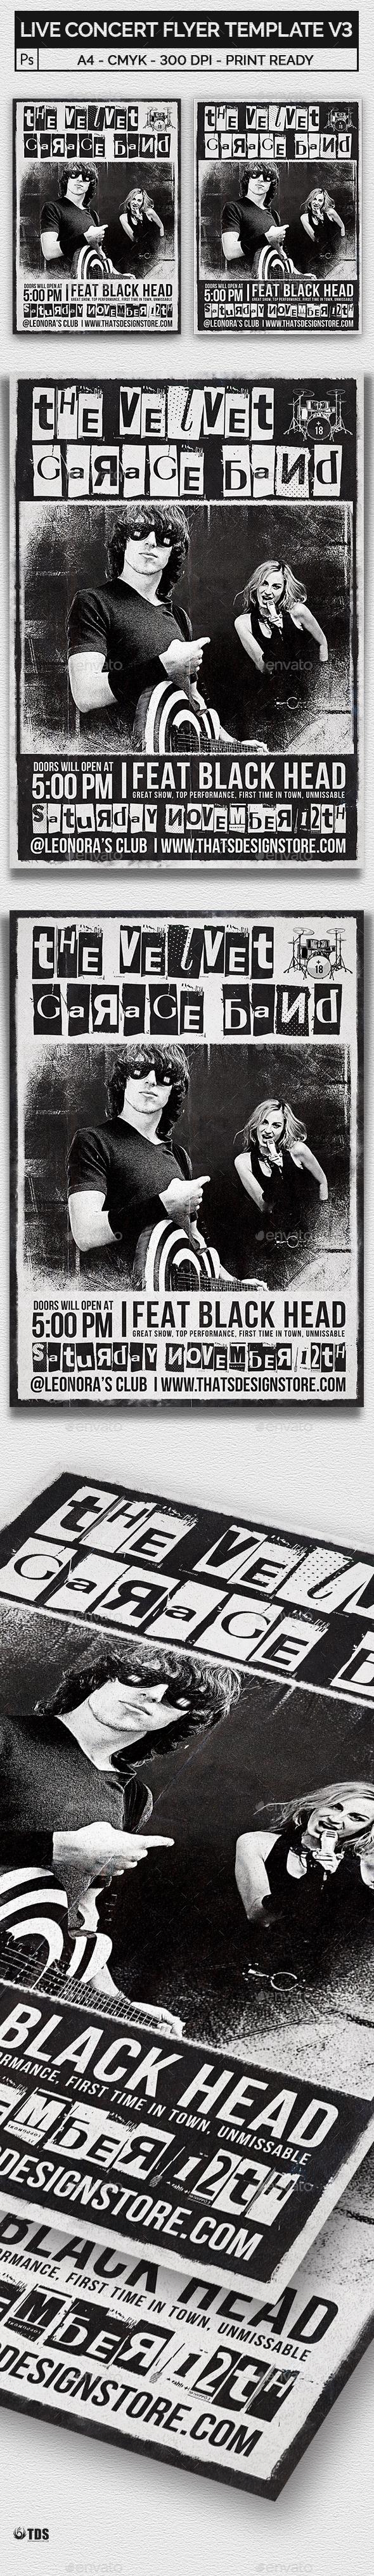 Live Concert Flyer Template V3 - Concerts Events